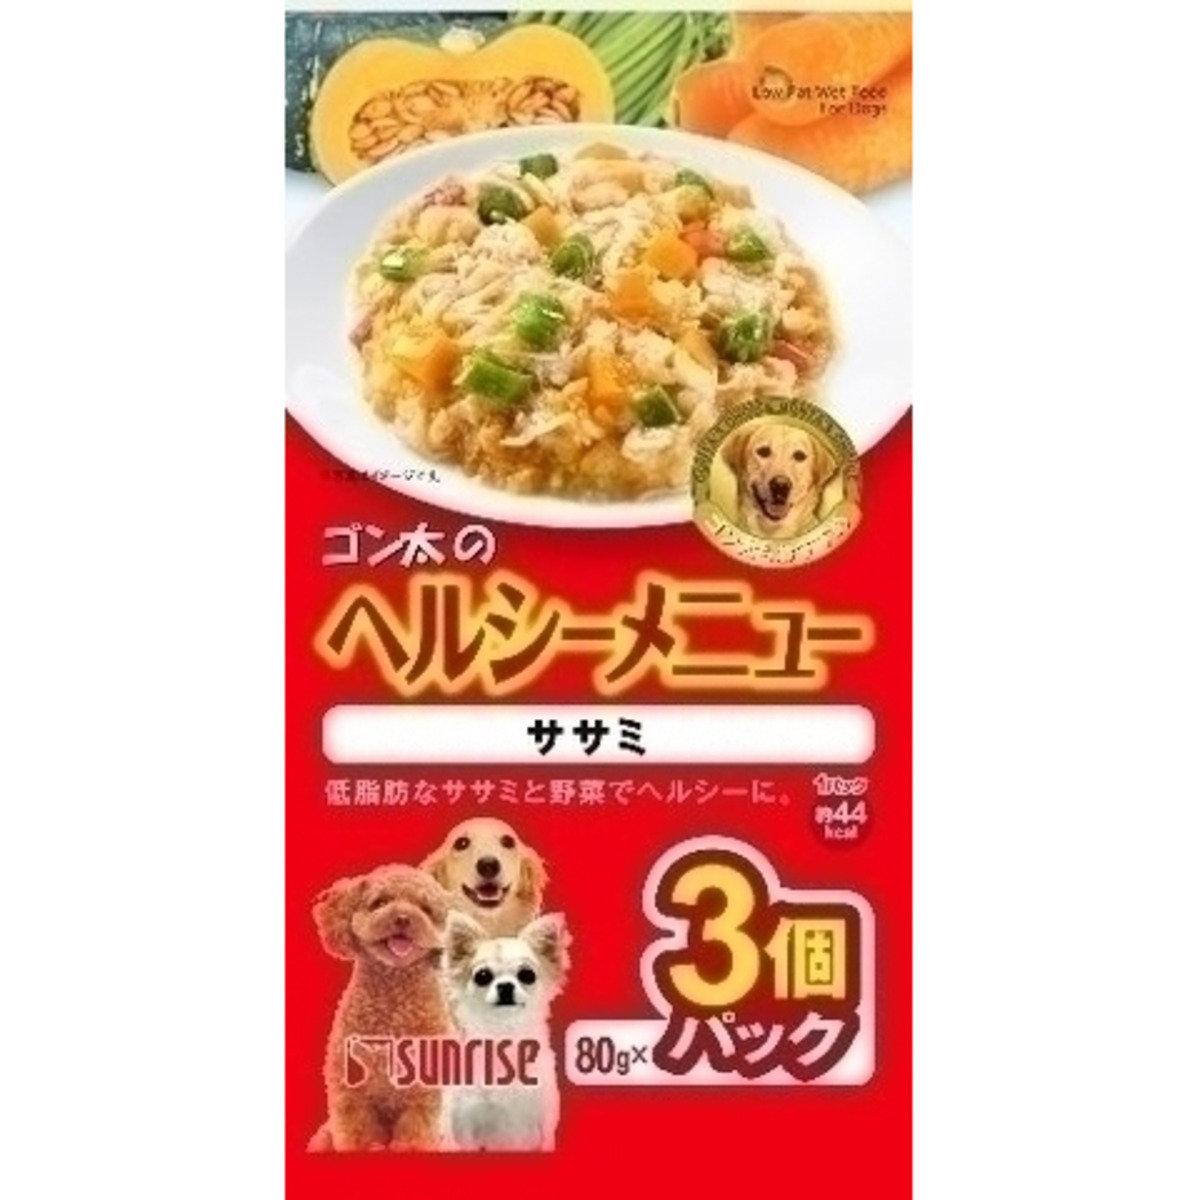 日本 SUNRISE 雞肉蔬菜濕糧 80g x 3